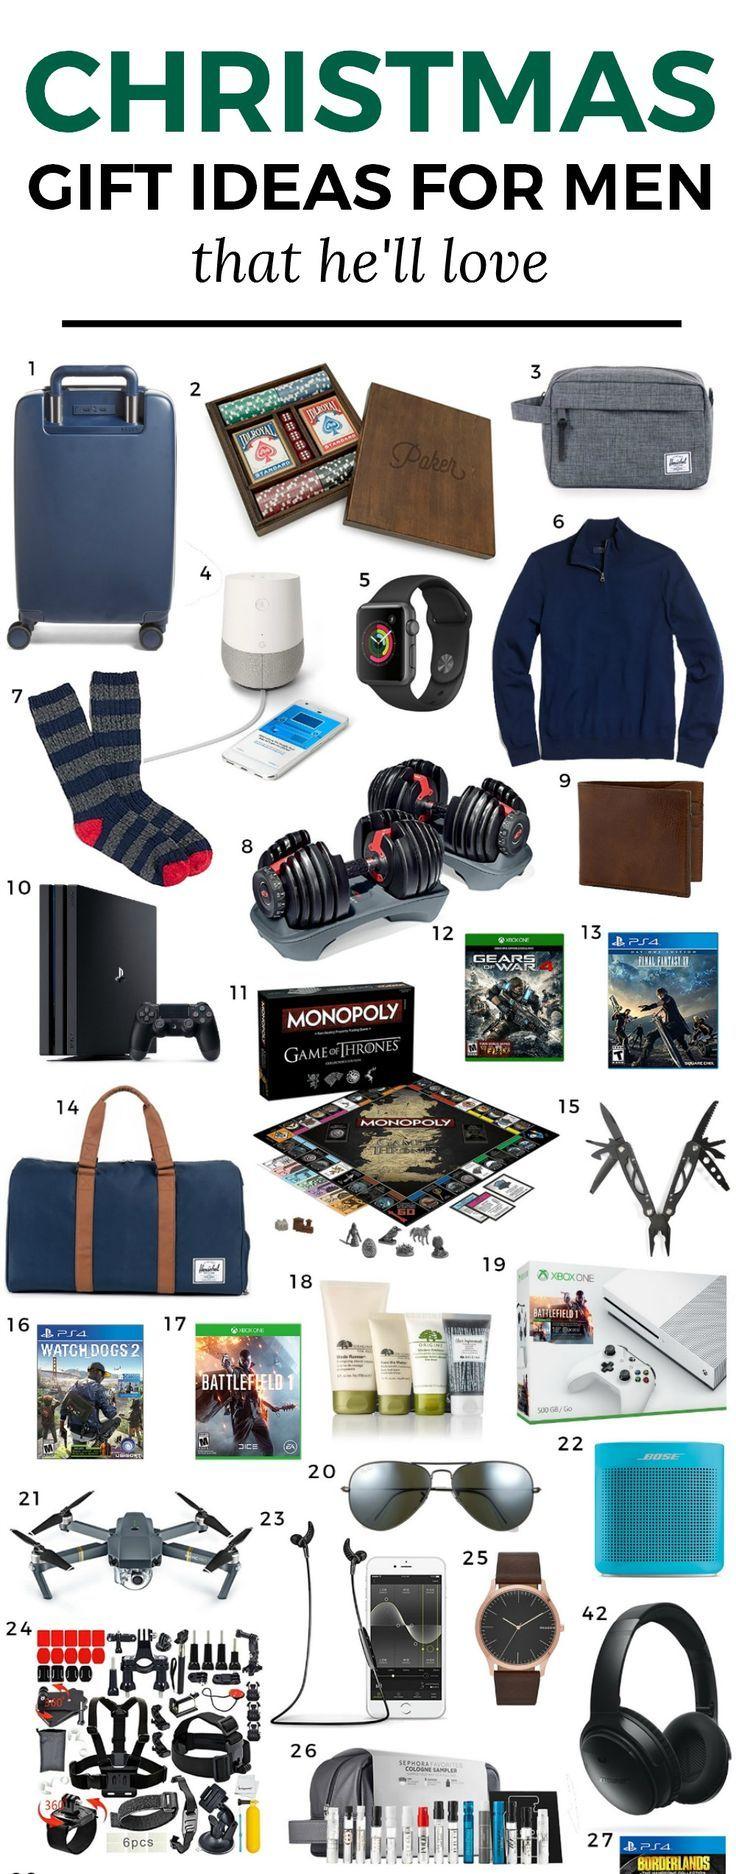 The Best Christmas Gift Ideas for Men | Pinterest | Ashley brooke ...